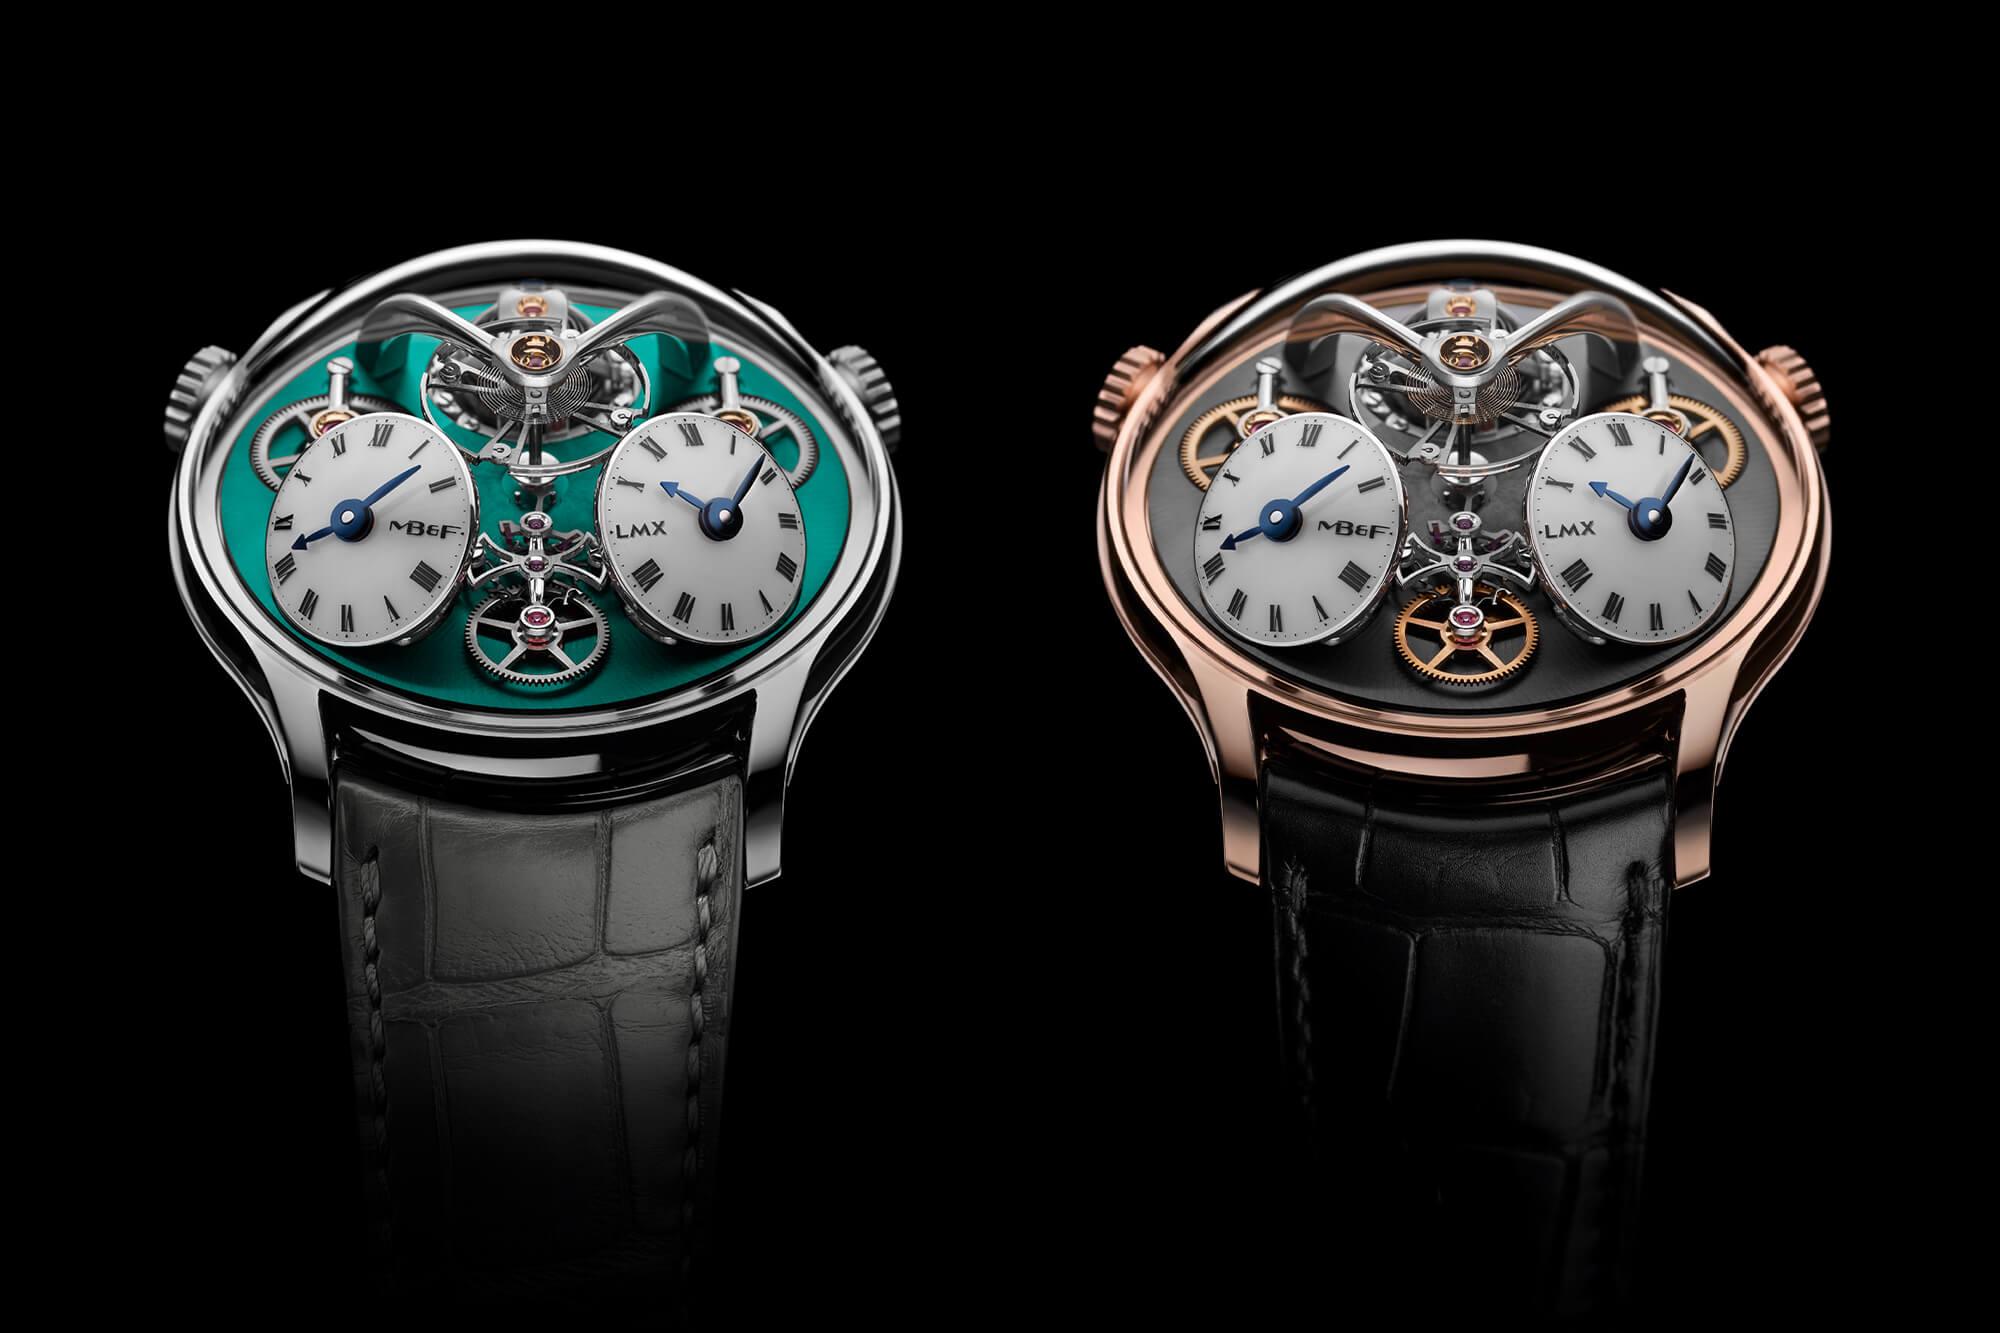 MB&F ra mắt đồng hồ mới LMX phiên bản kỷ niệm 10 năm của Legacy Machine